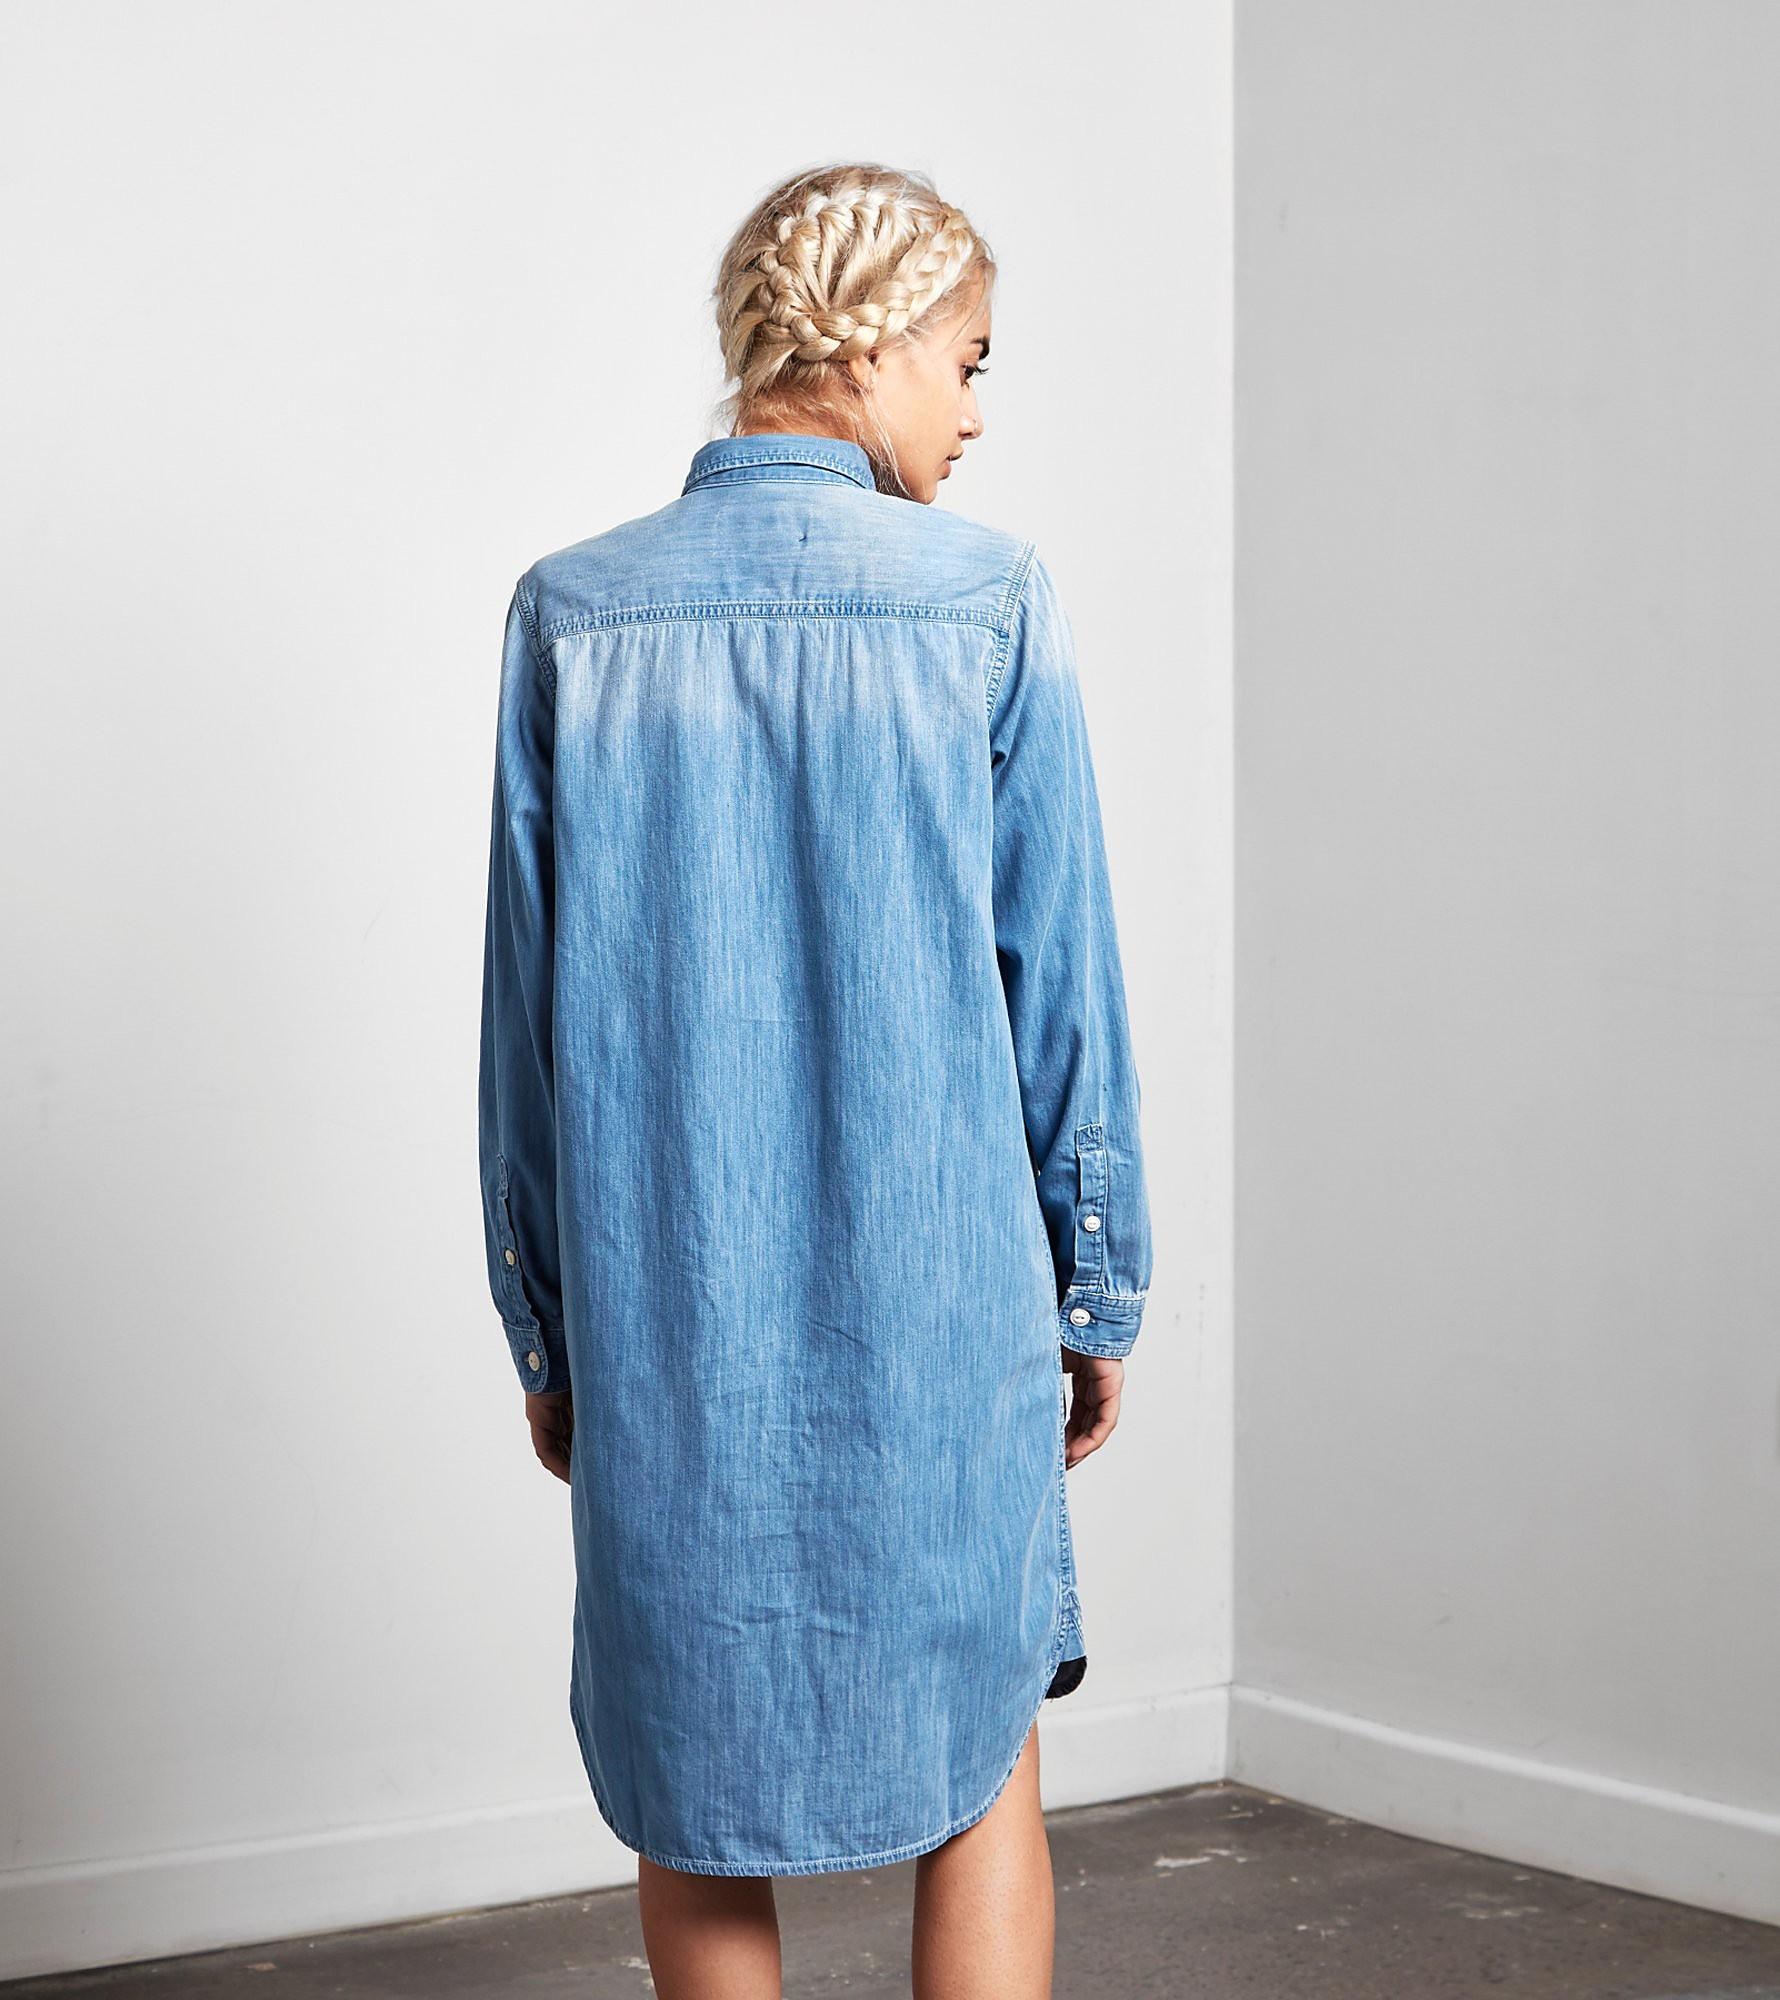 Carhartt WIP Southfield Dress